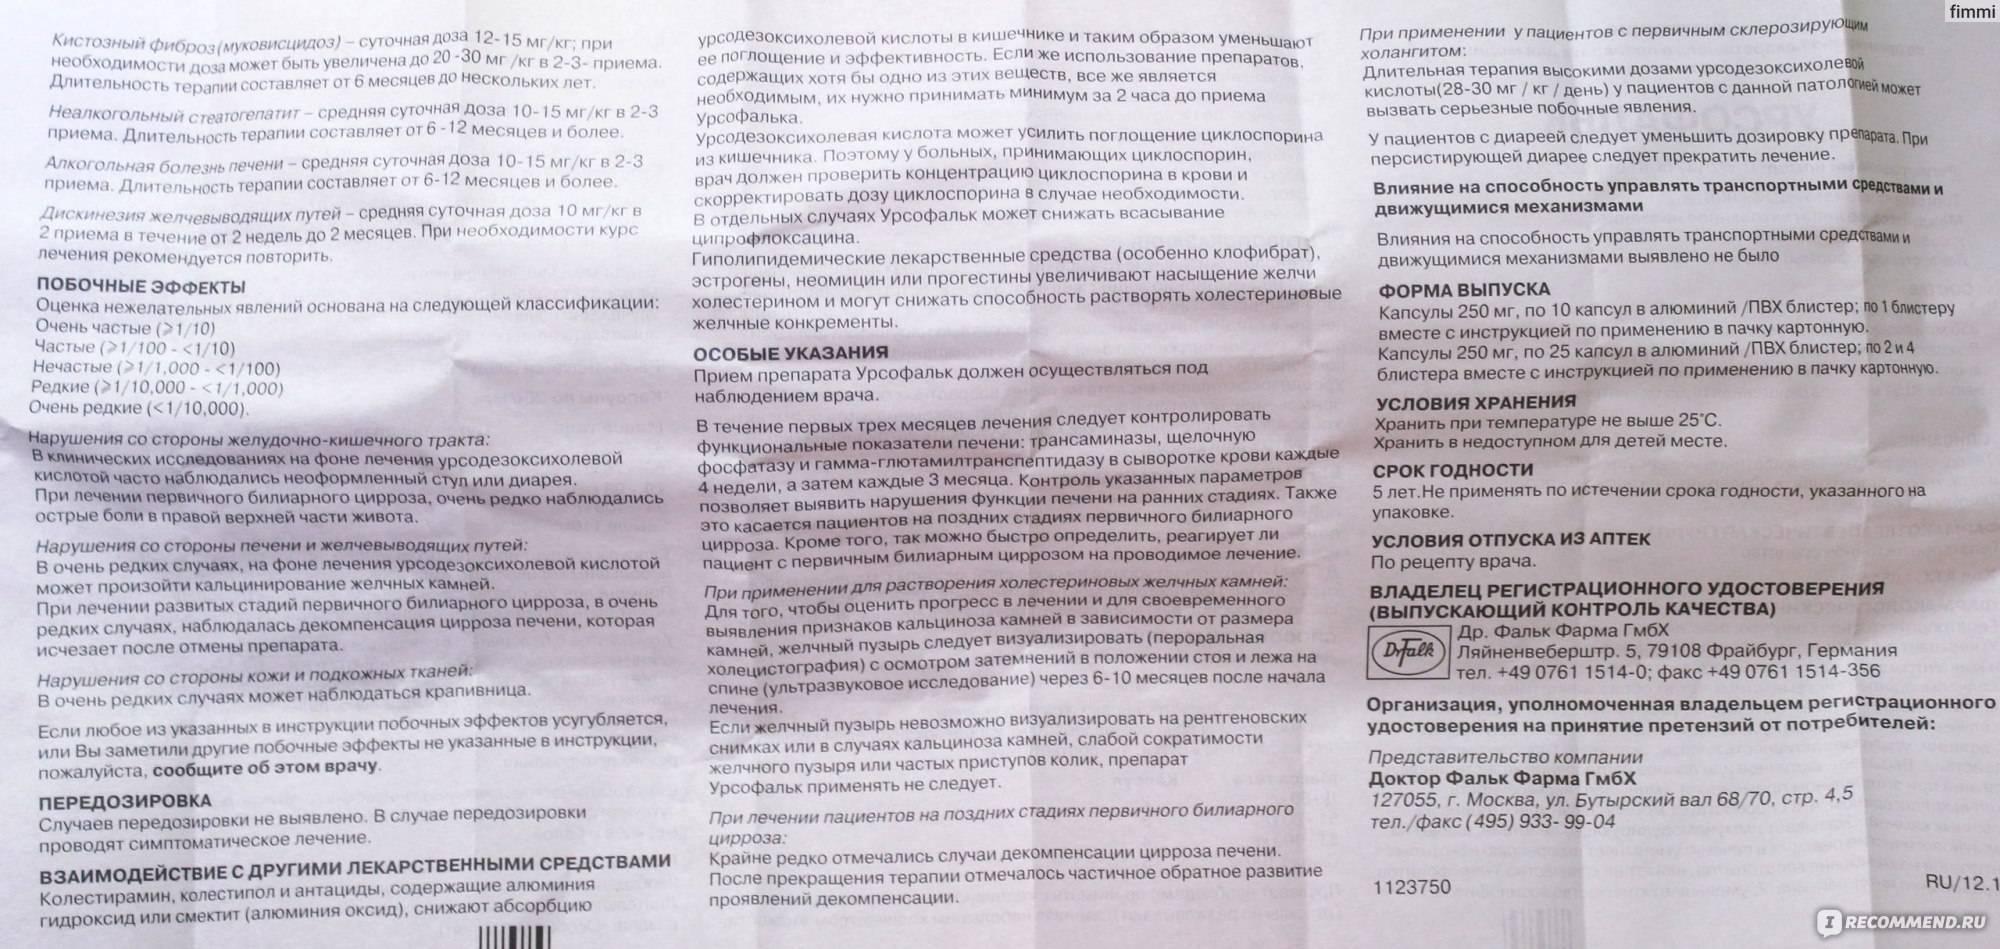 Урсофальк: инструкция к применению у собак │ урсодезоксихолевая кислота  собакам │ урсодиол в ветеринарии